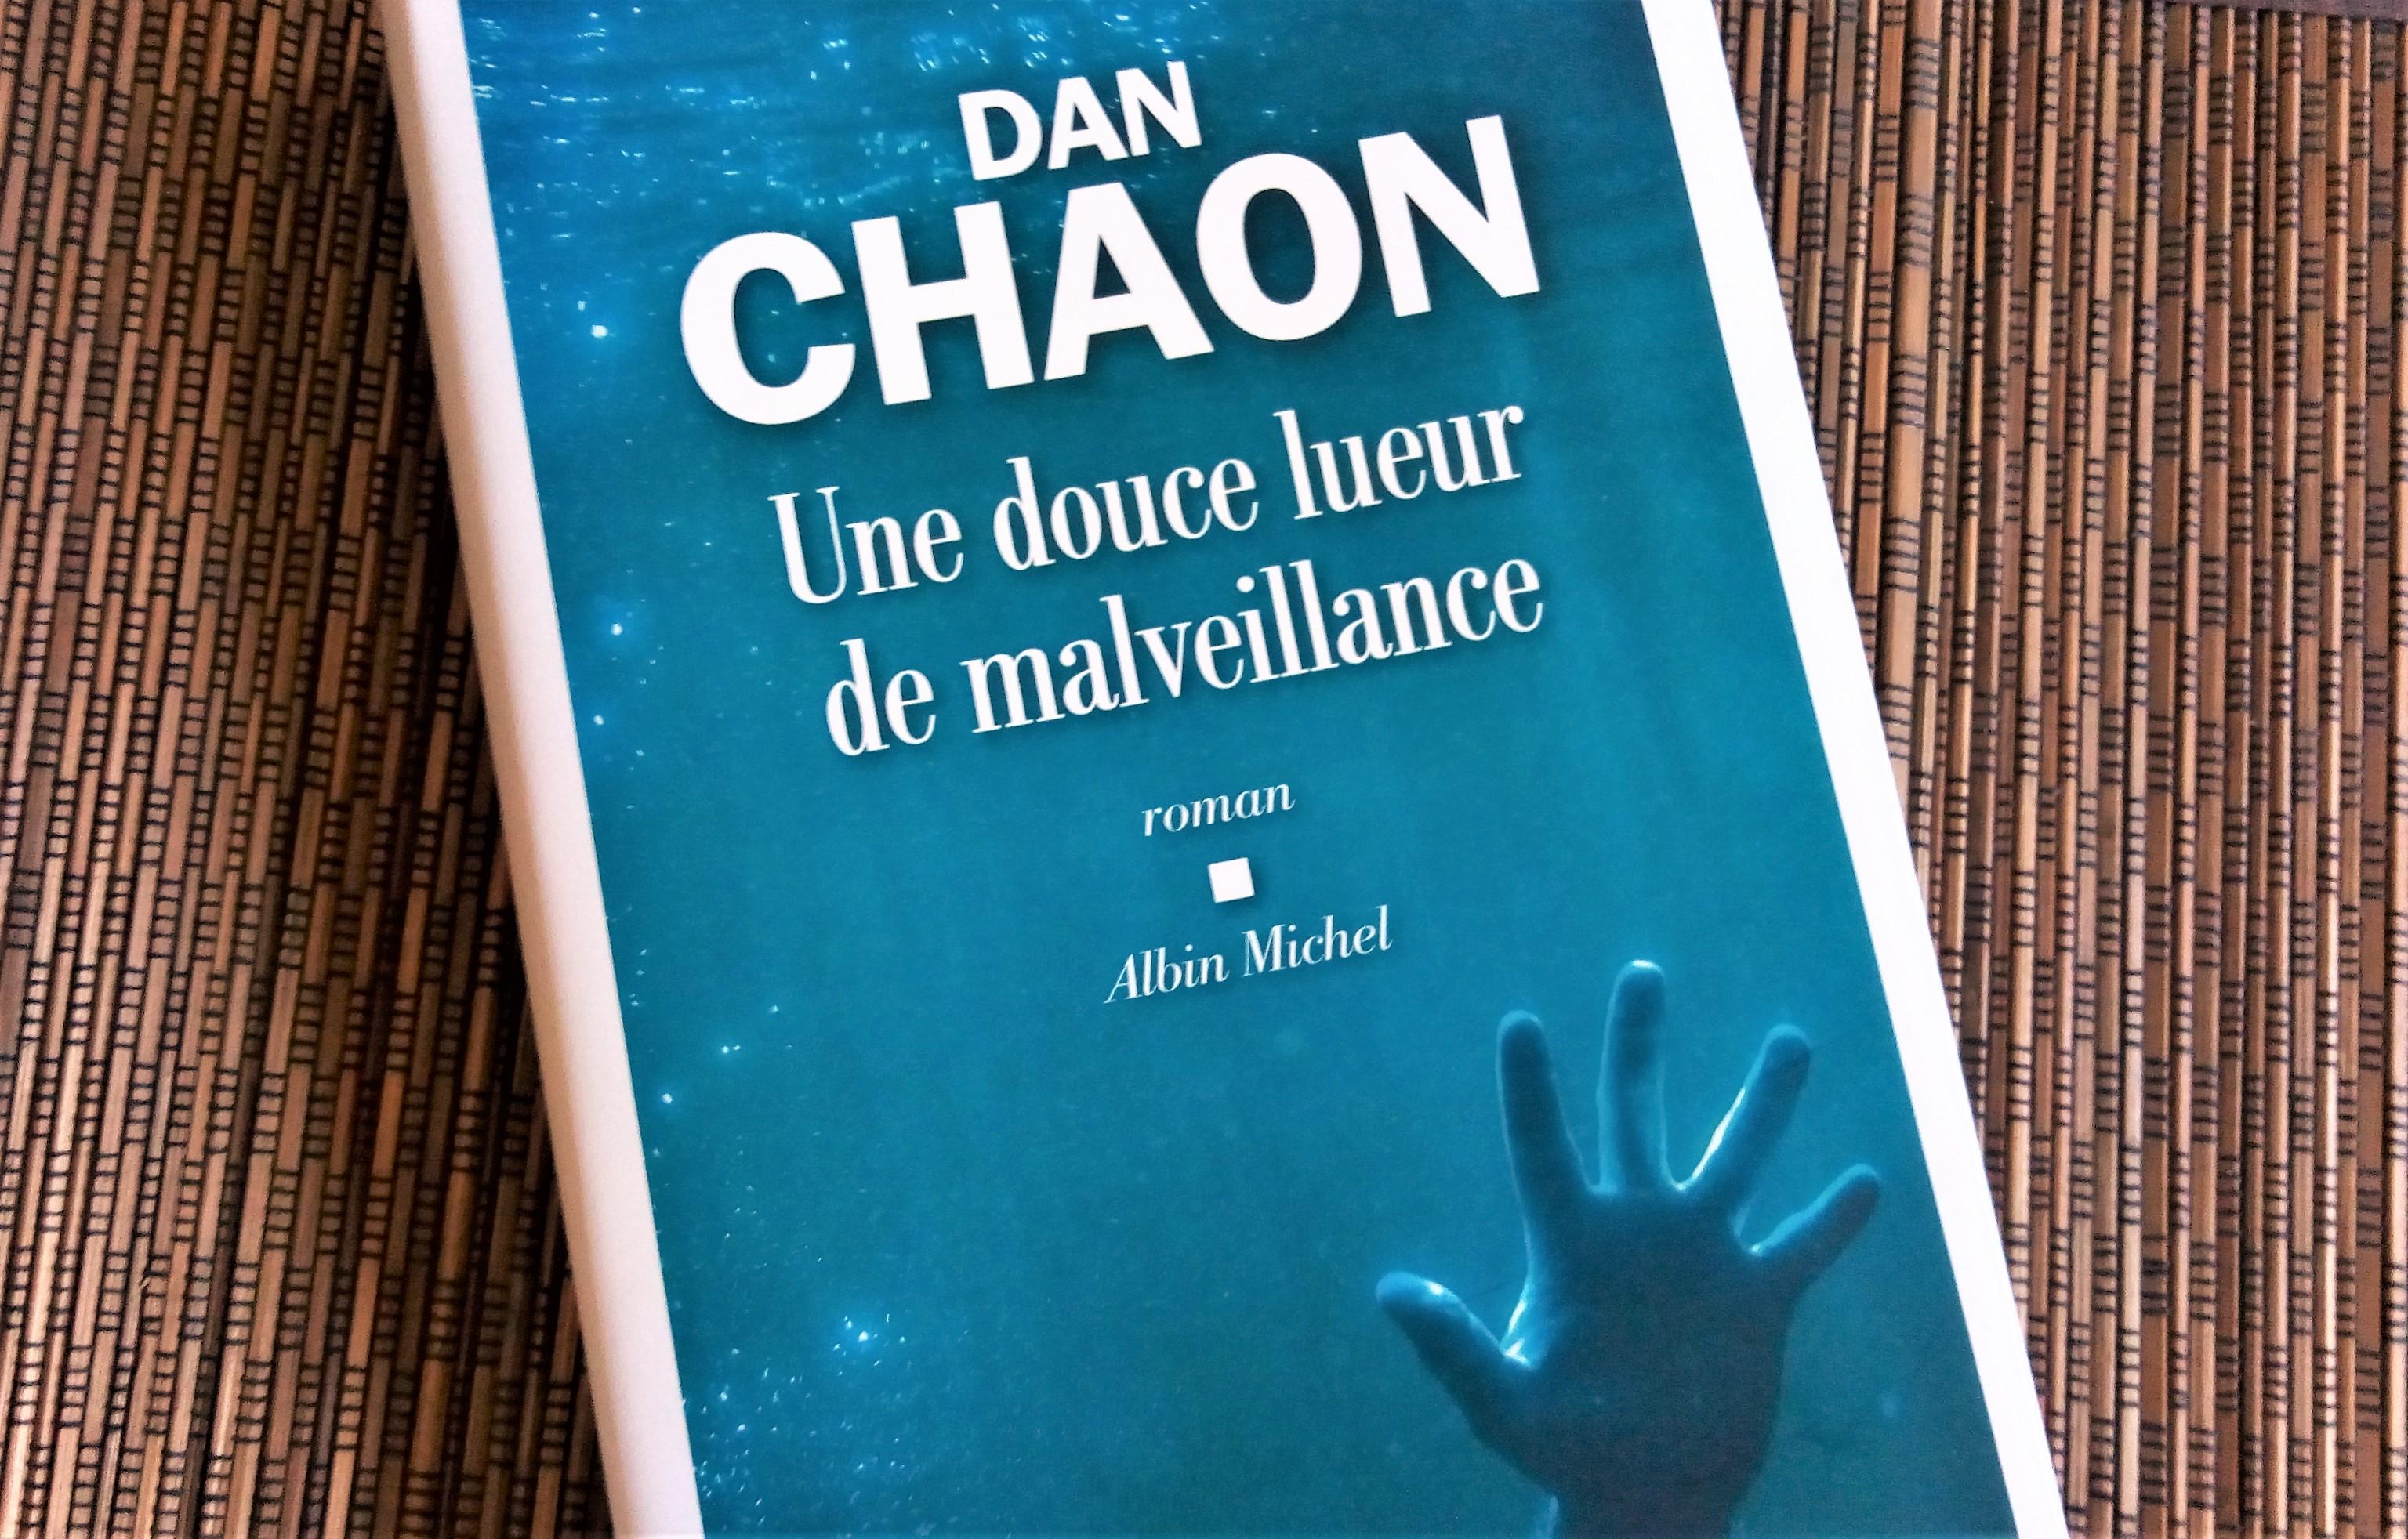 Couverture du livre 'Une douce lueur de malveillance' ; on voit la main tendue d'une personne qui semble en train de se noyer